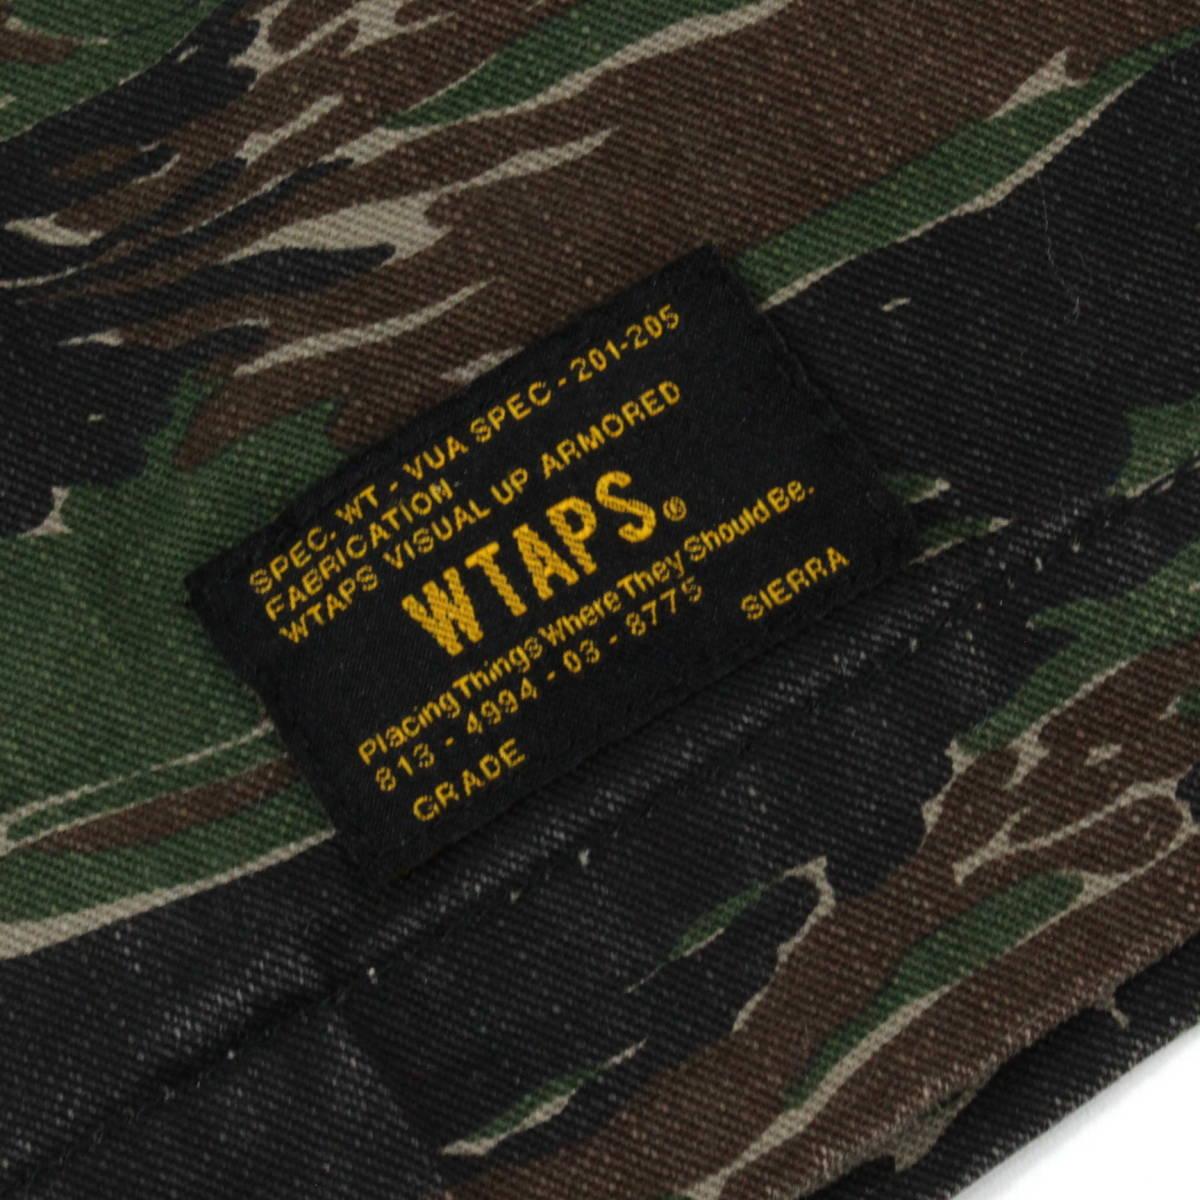 【即完売】WTAPS 17SS BUDS SS JUNGLE SHIRT TIGER STRIPE オーバーサイズ ミリタリーシャツ 1 S タイガーカモ 迷彩 ダブルタップス_画像7